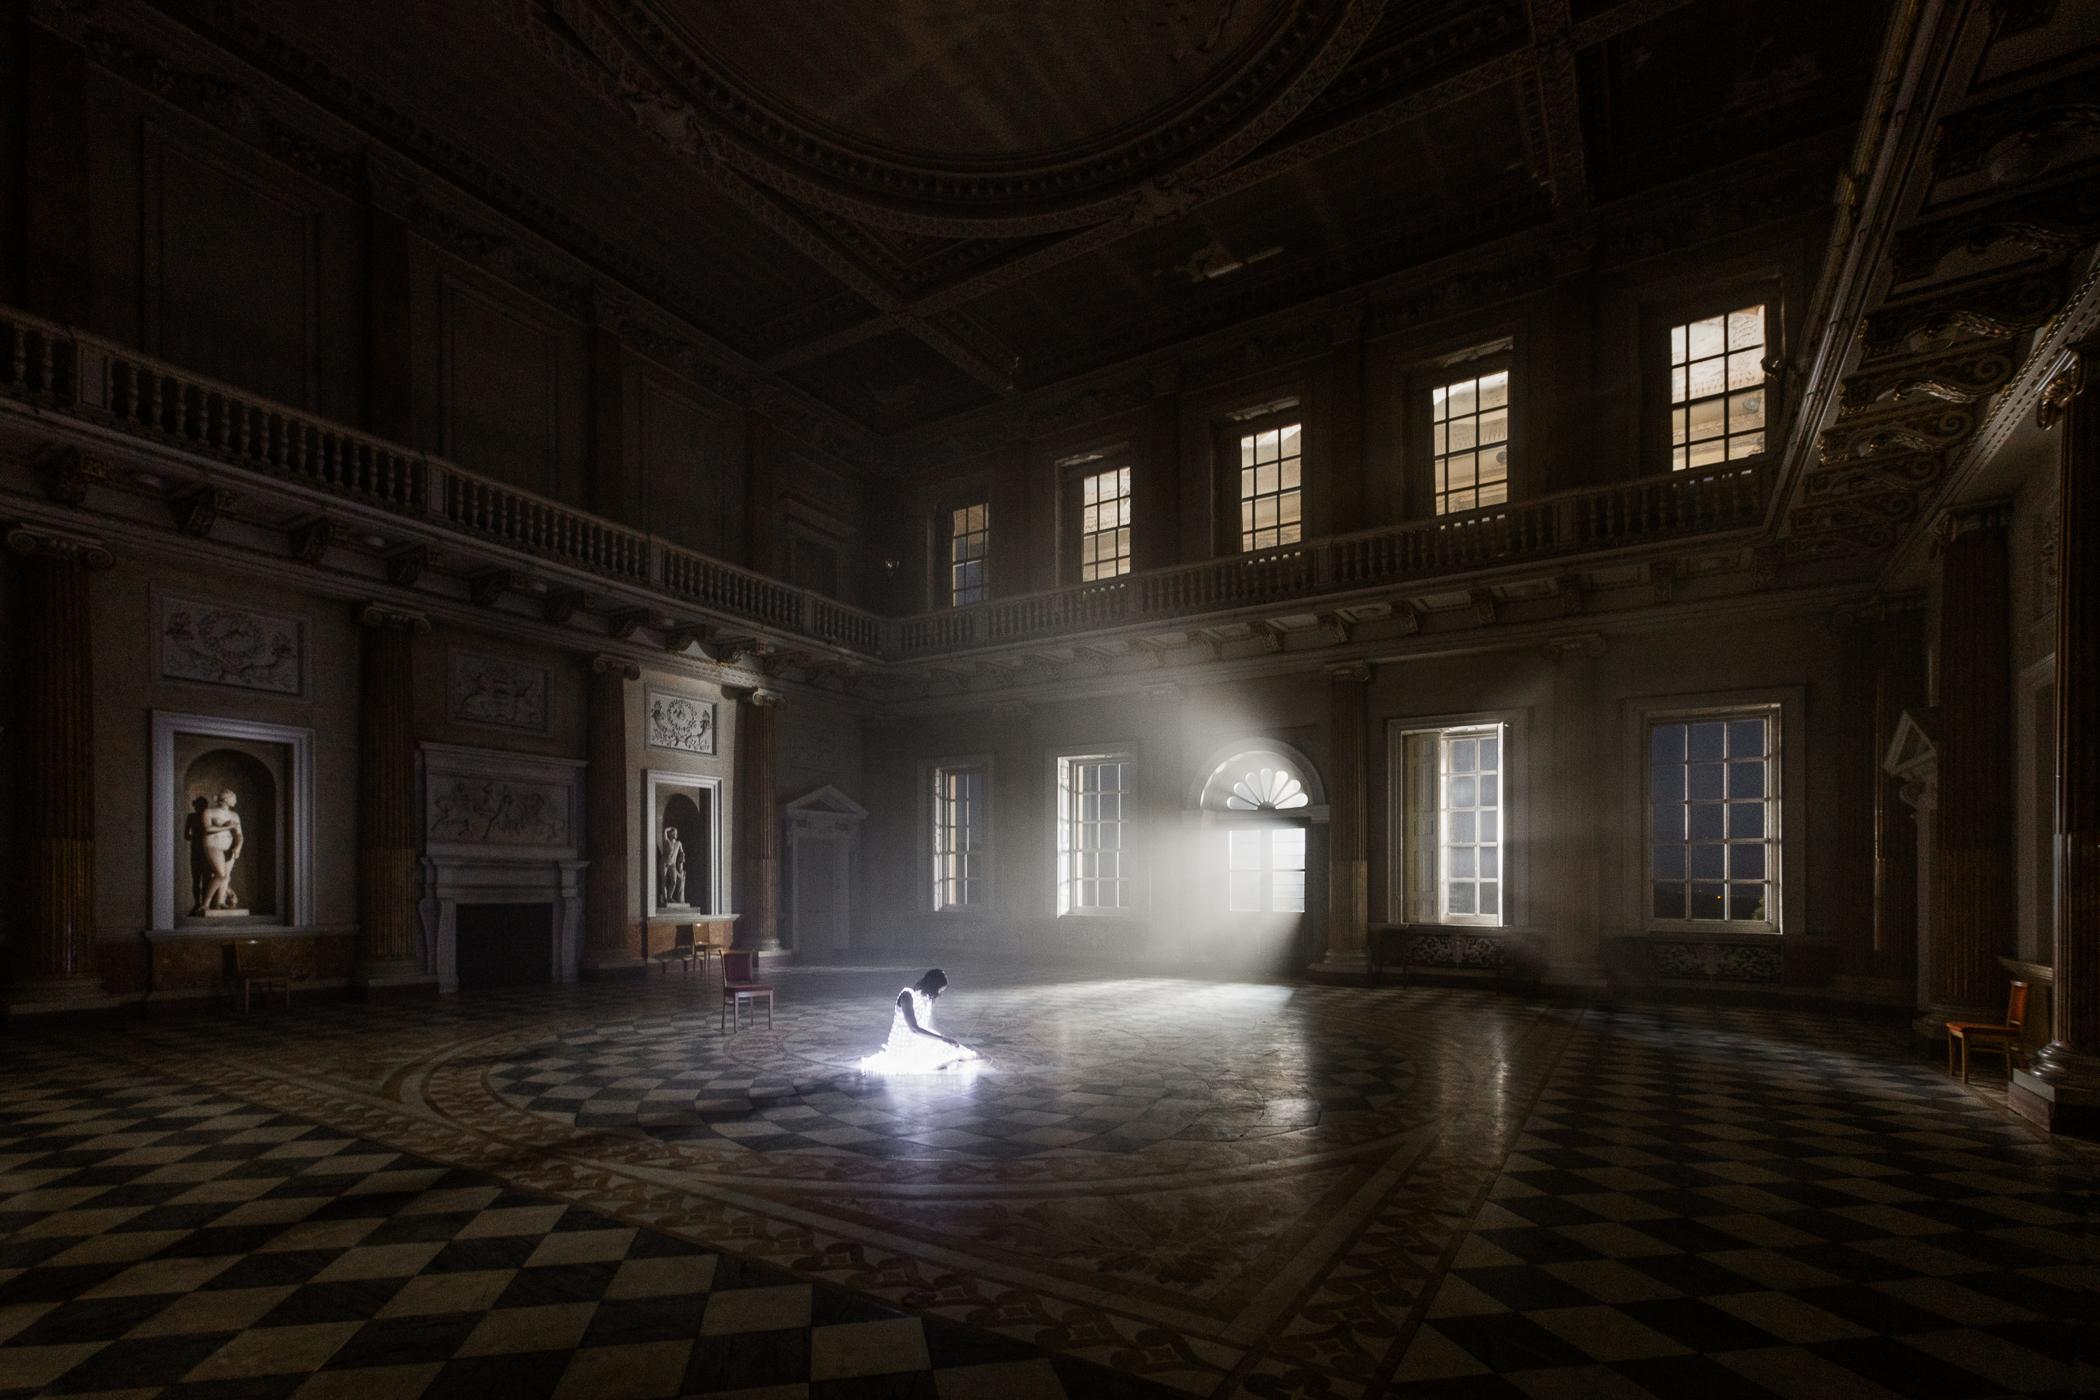 © Adrien Broom, The Marble Hall.